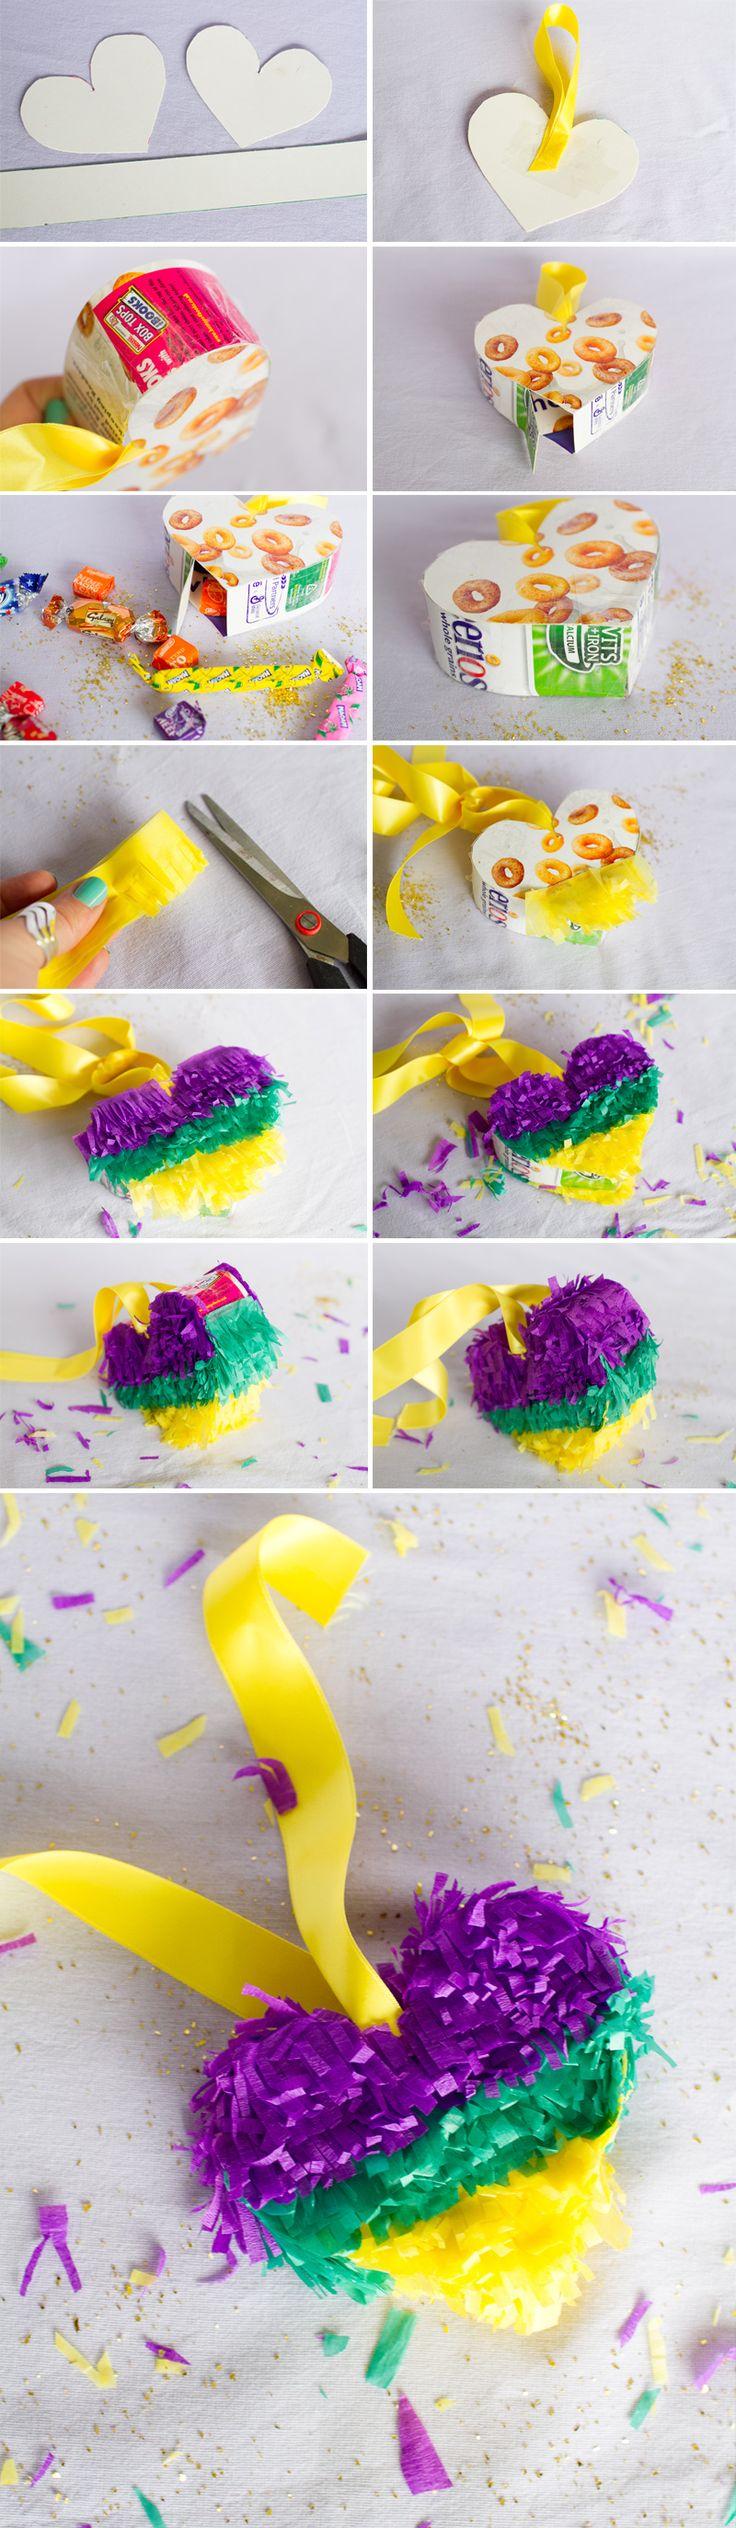 Mini heart pinata DIY Tutorial how to make a pinata wedding diy mexican wedding fiesta cinco de mayo fun